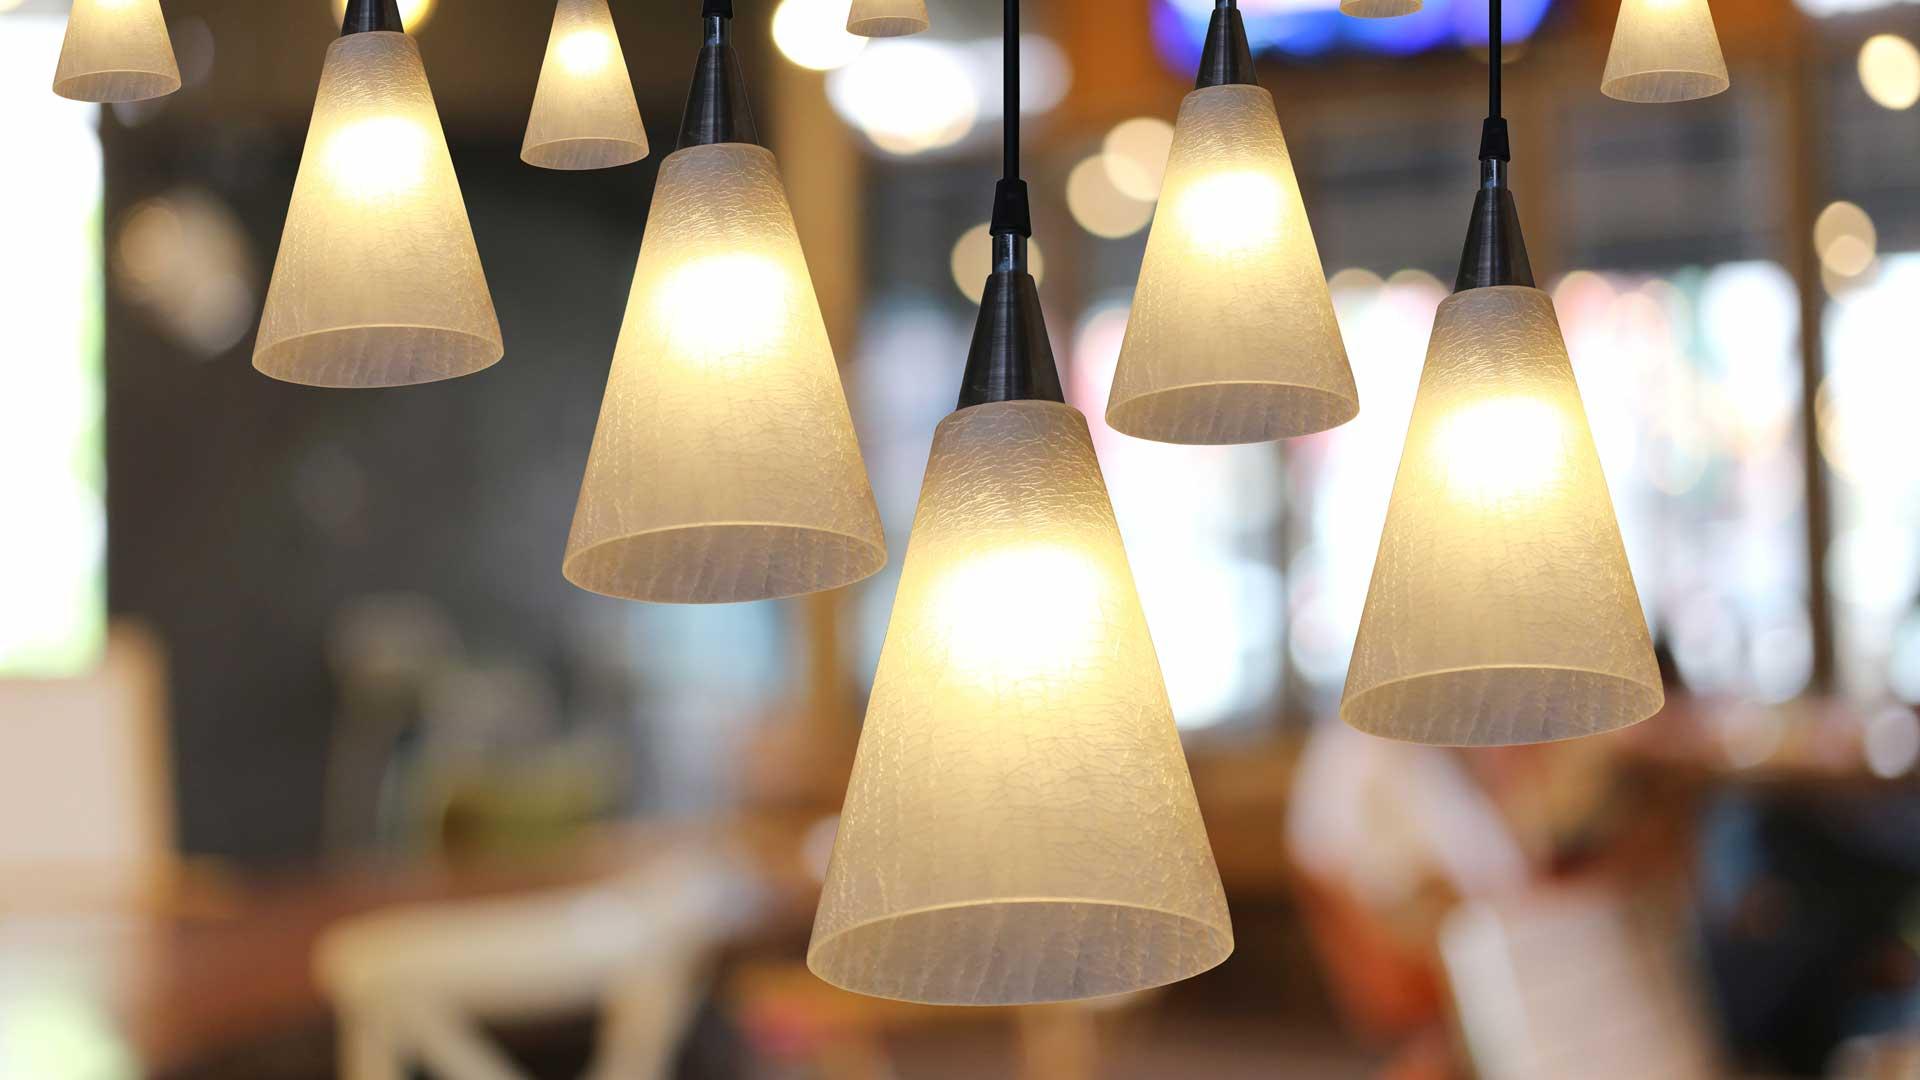 immagine rappresentativa del reparto Elettricità e illuminazione del brico ok corigliano